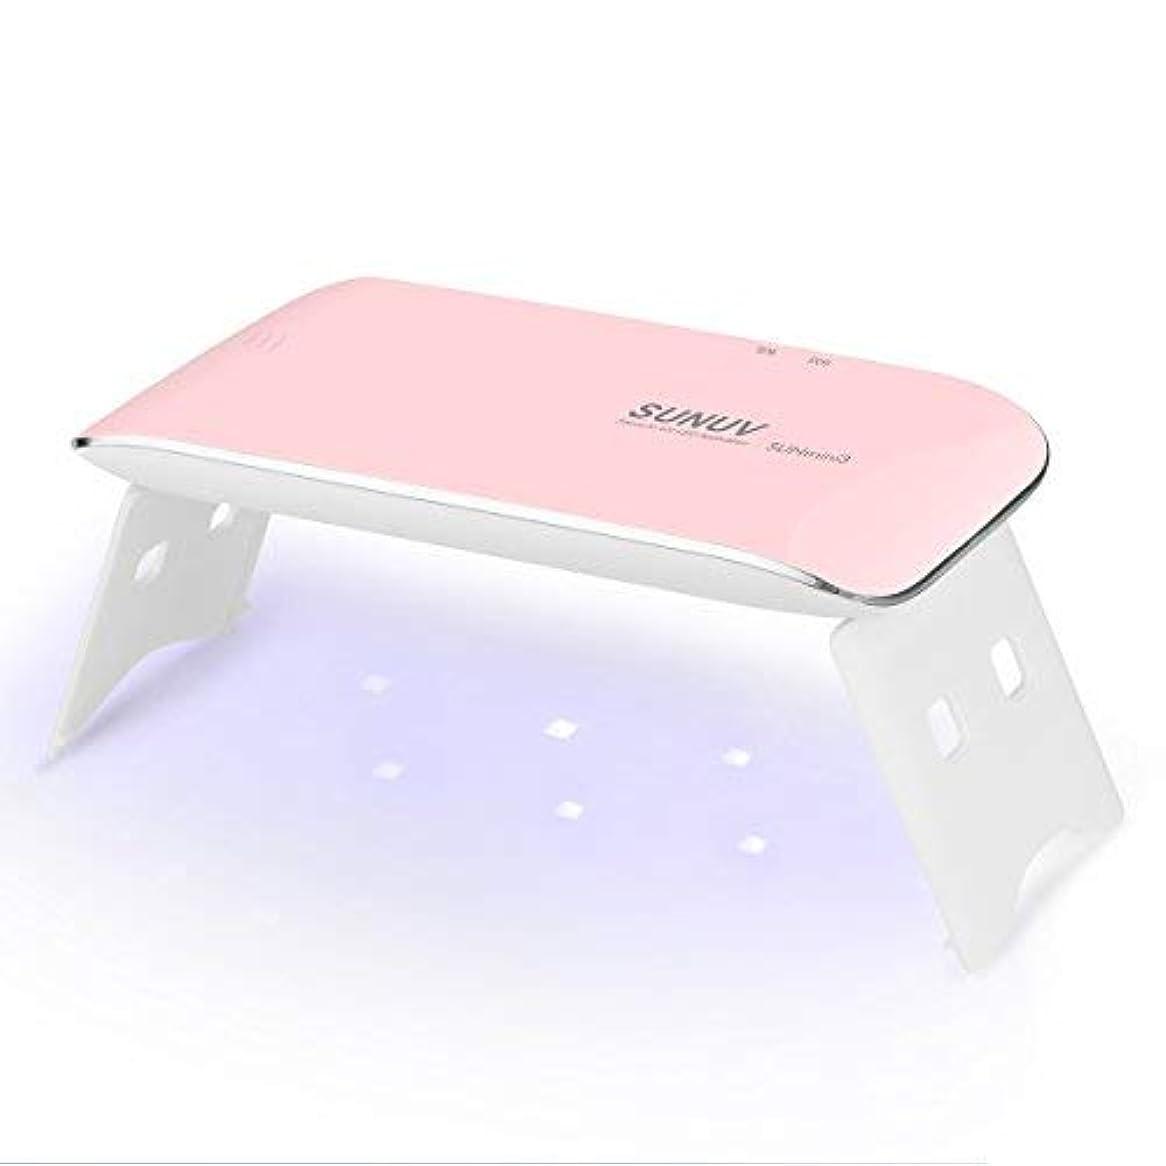 弾丸解き明かす統合SUNUV UV LEDライト ネイルドライヤー mini ミニ ジェルネイルライト 日本語説明書 ネイルライト 6W 初心者 電池 USB給電 2倍の長寿命 カワイイ 携帯式 一年保証期間